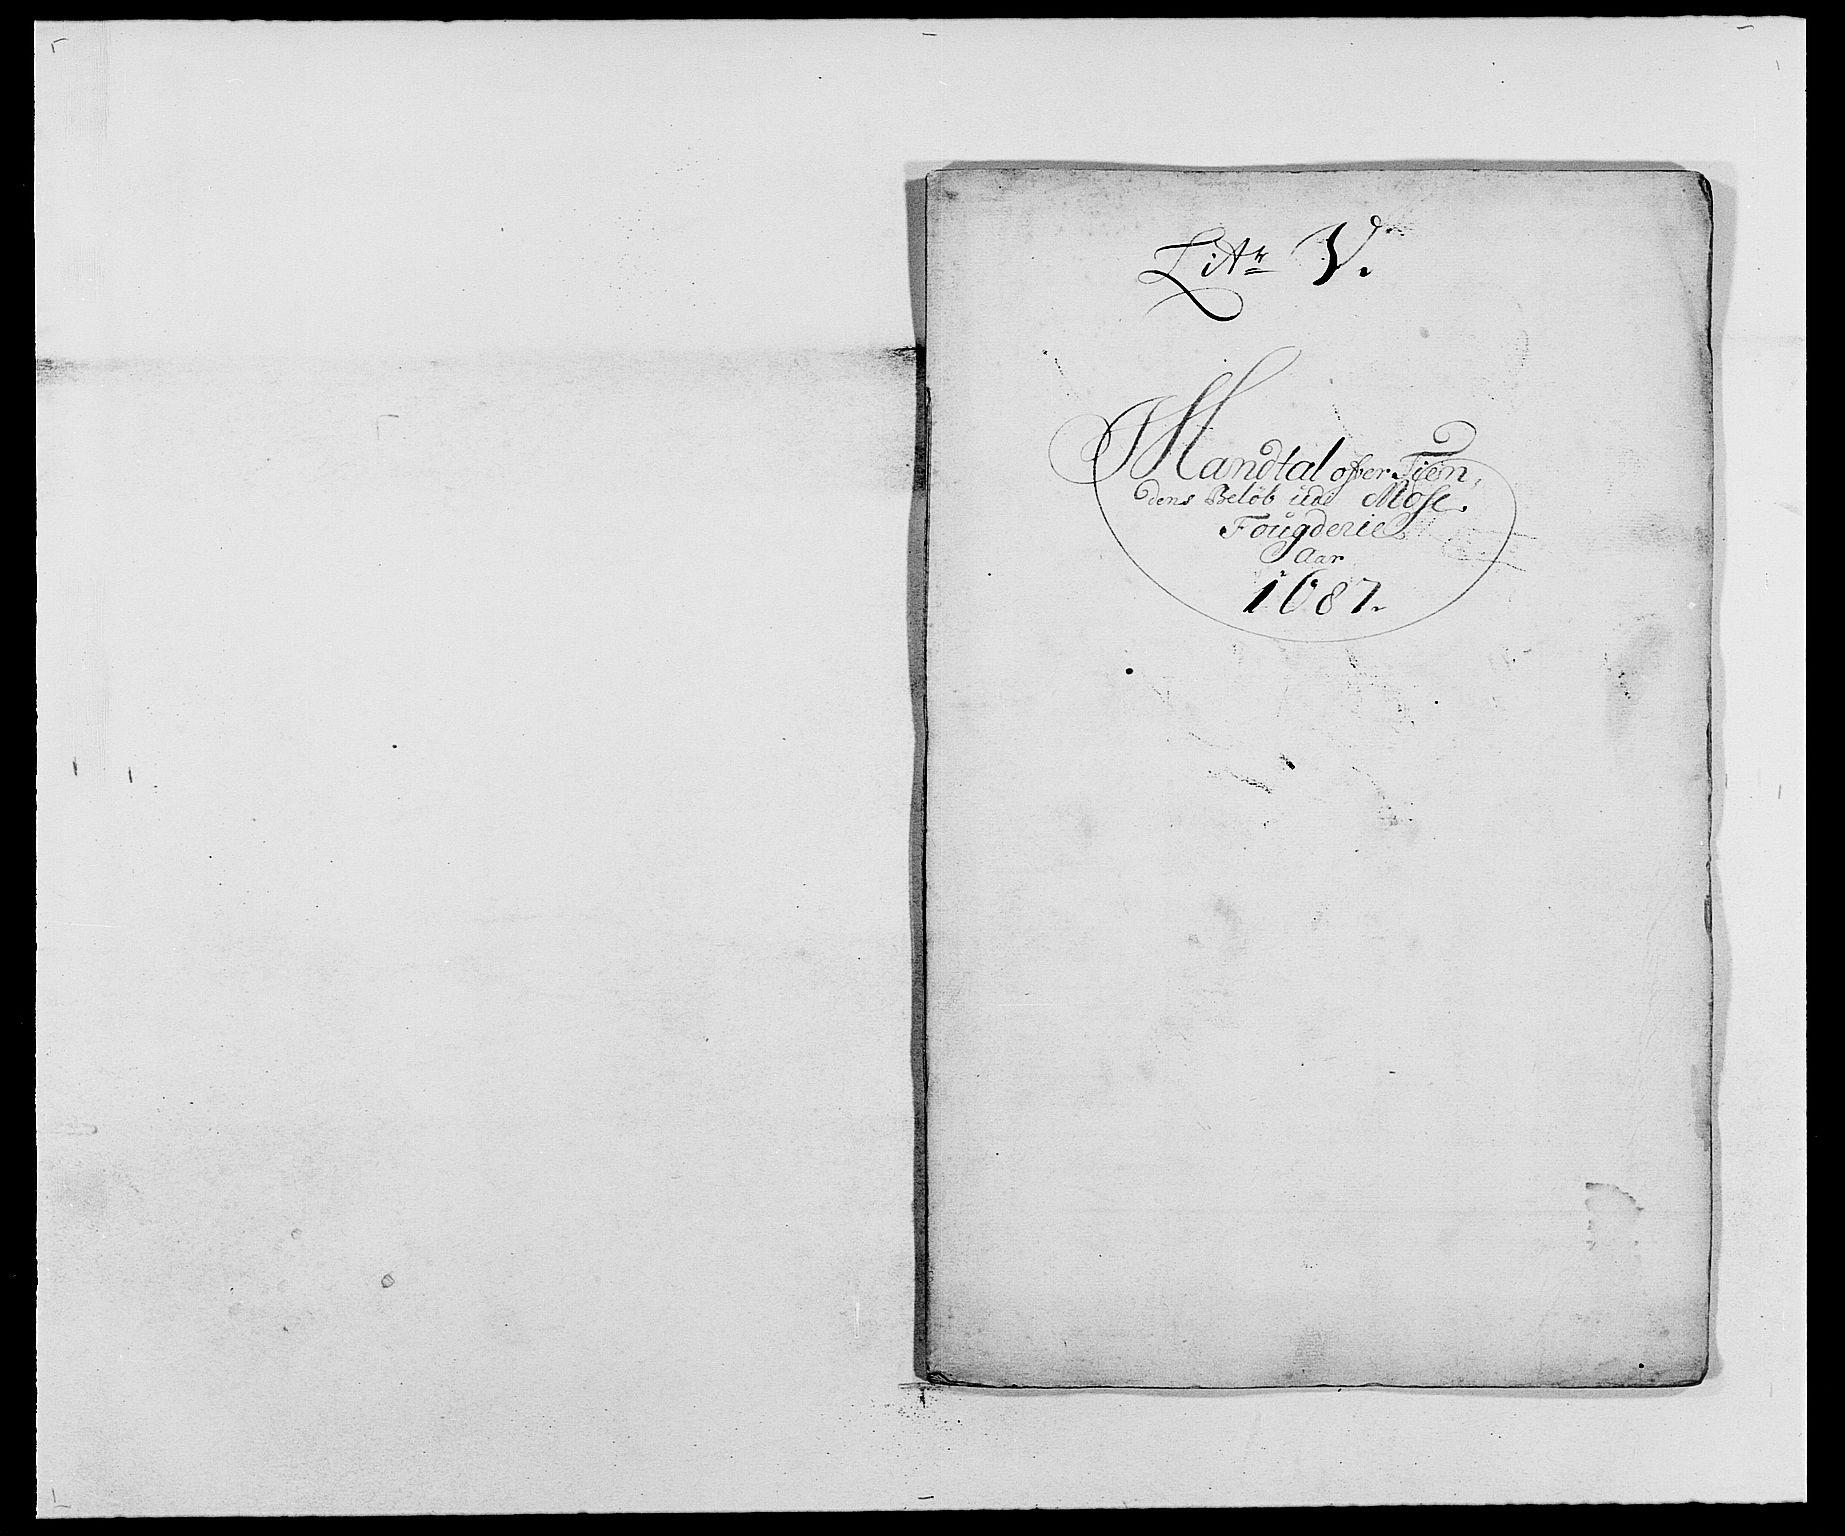 RA, Rentekammeret inntil 1814, Reviderte regnskaper, Fogderegnskap, R02/L0105: Fogderegnskap Moss og Verne kloster, 1685-1687, s. 302